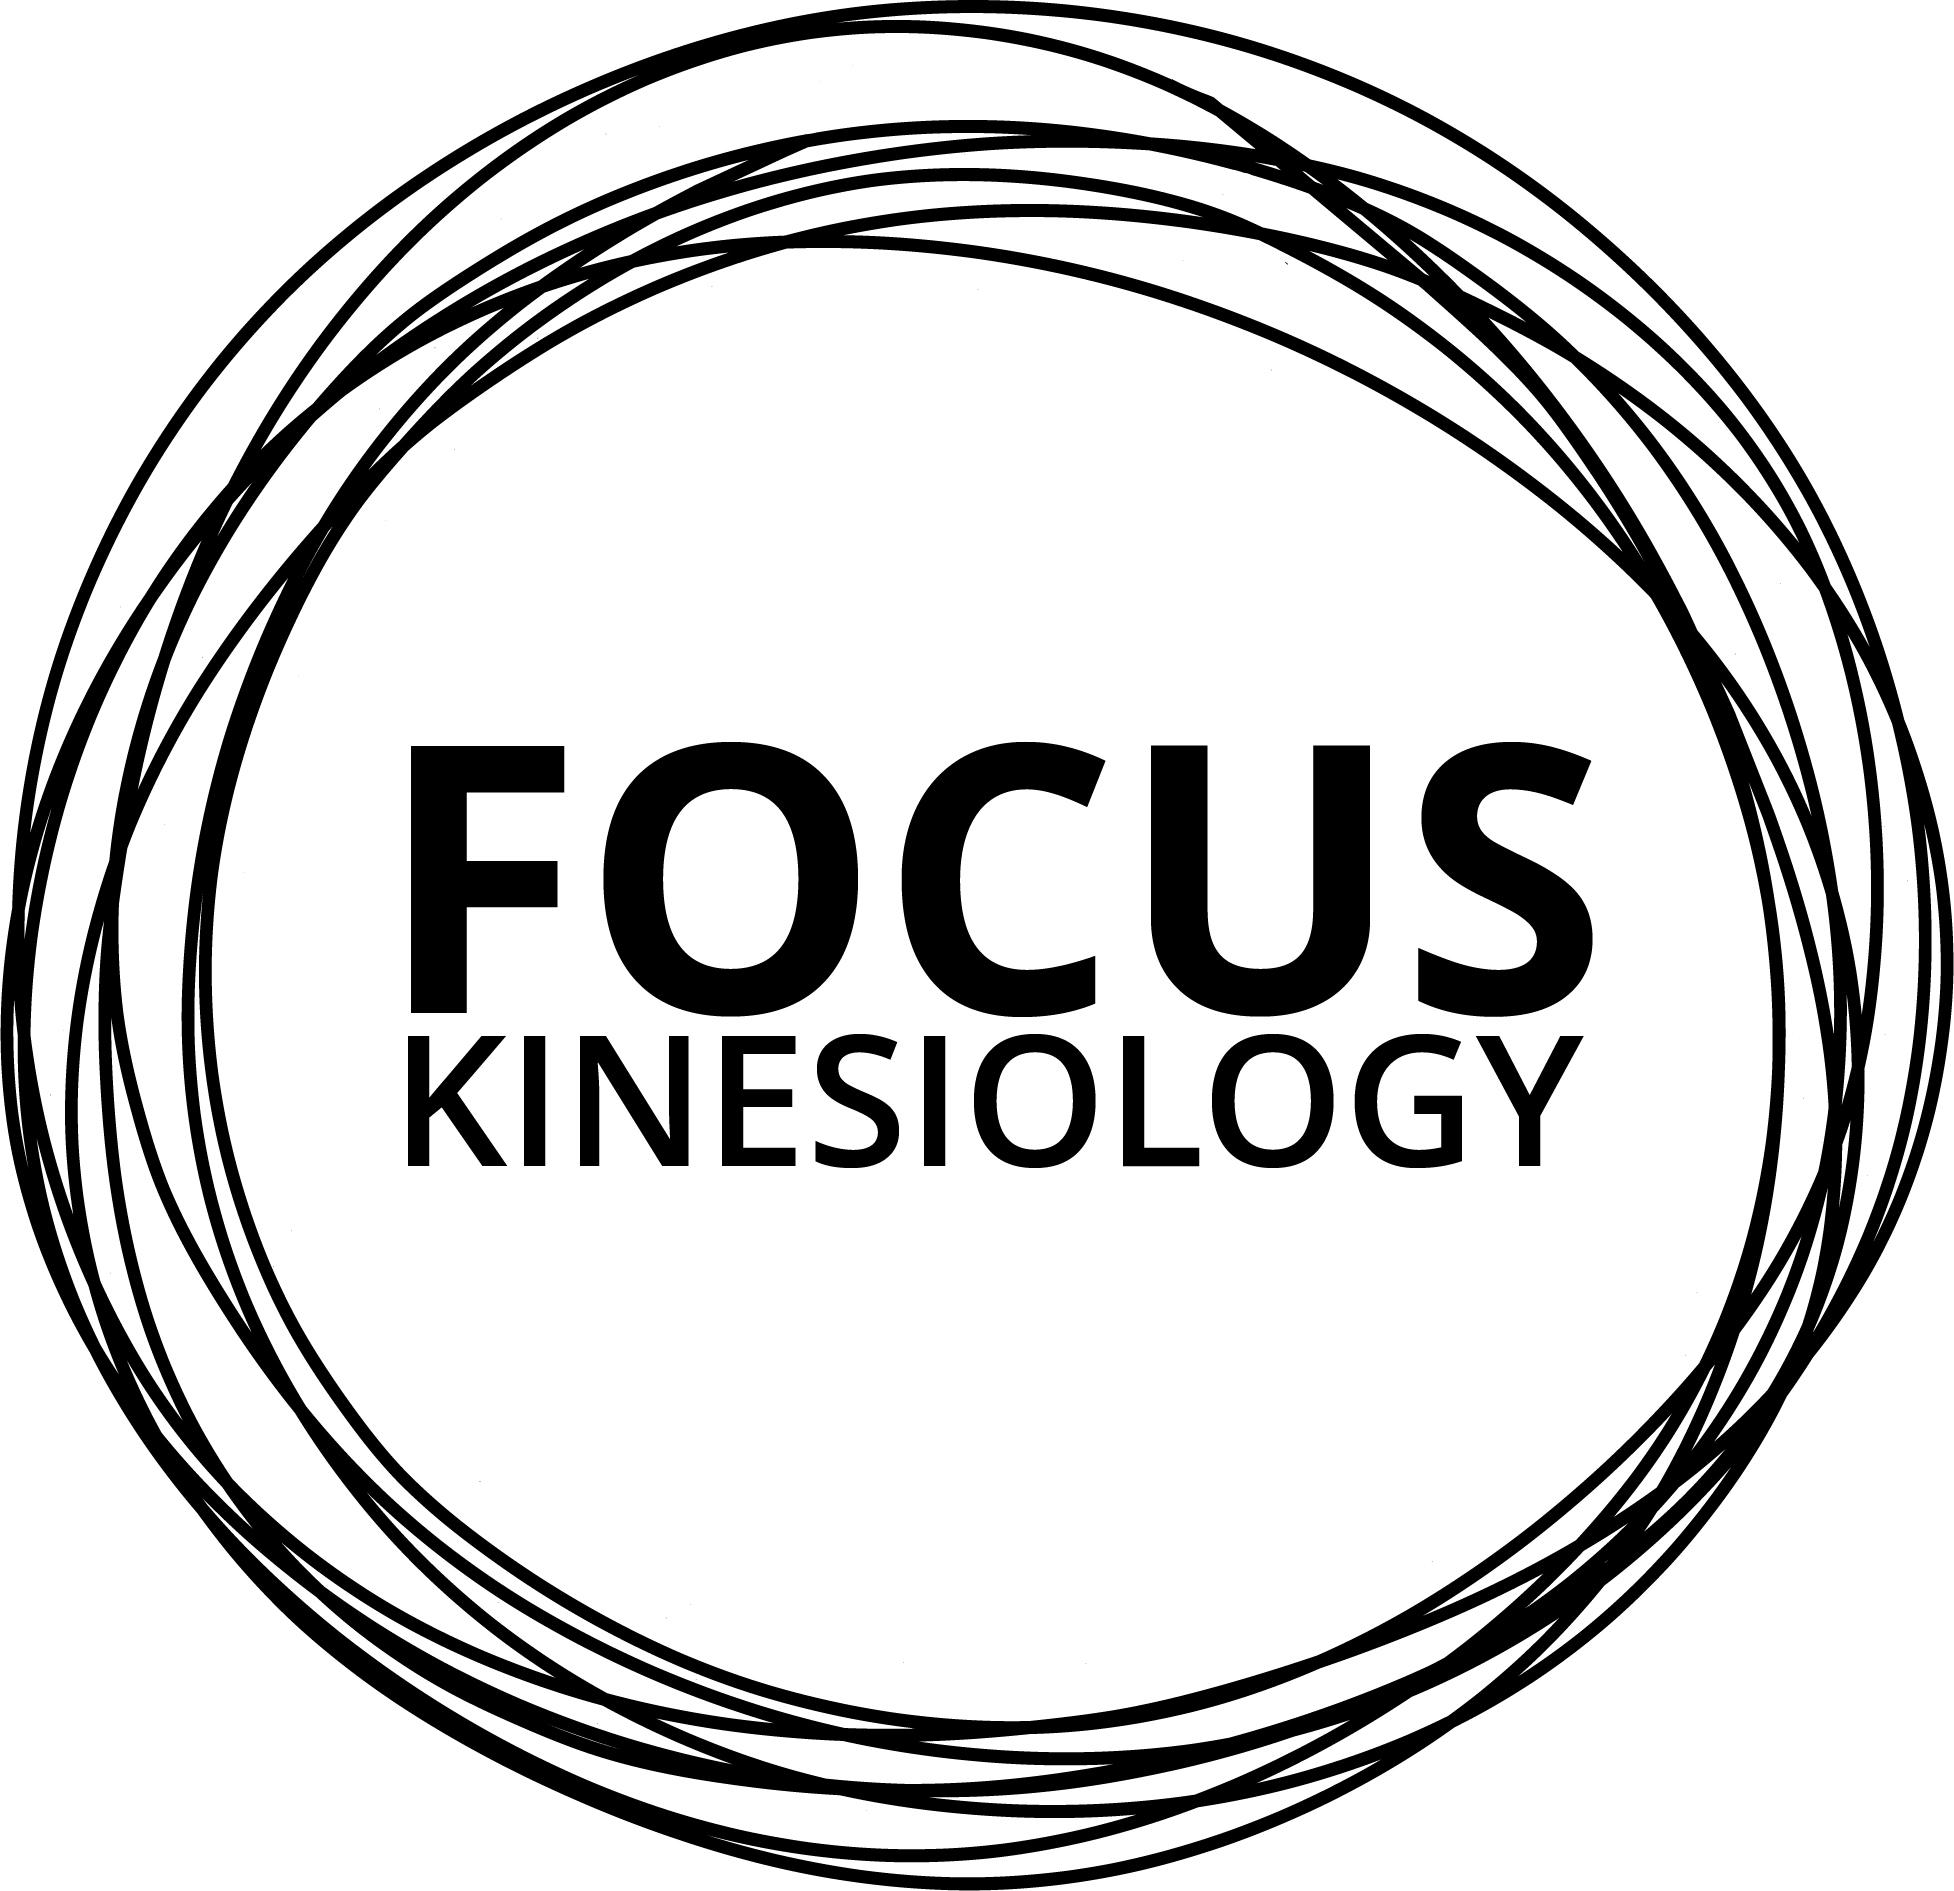 FOCUS Kinesiology